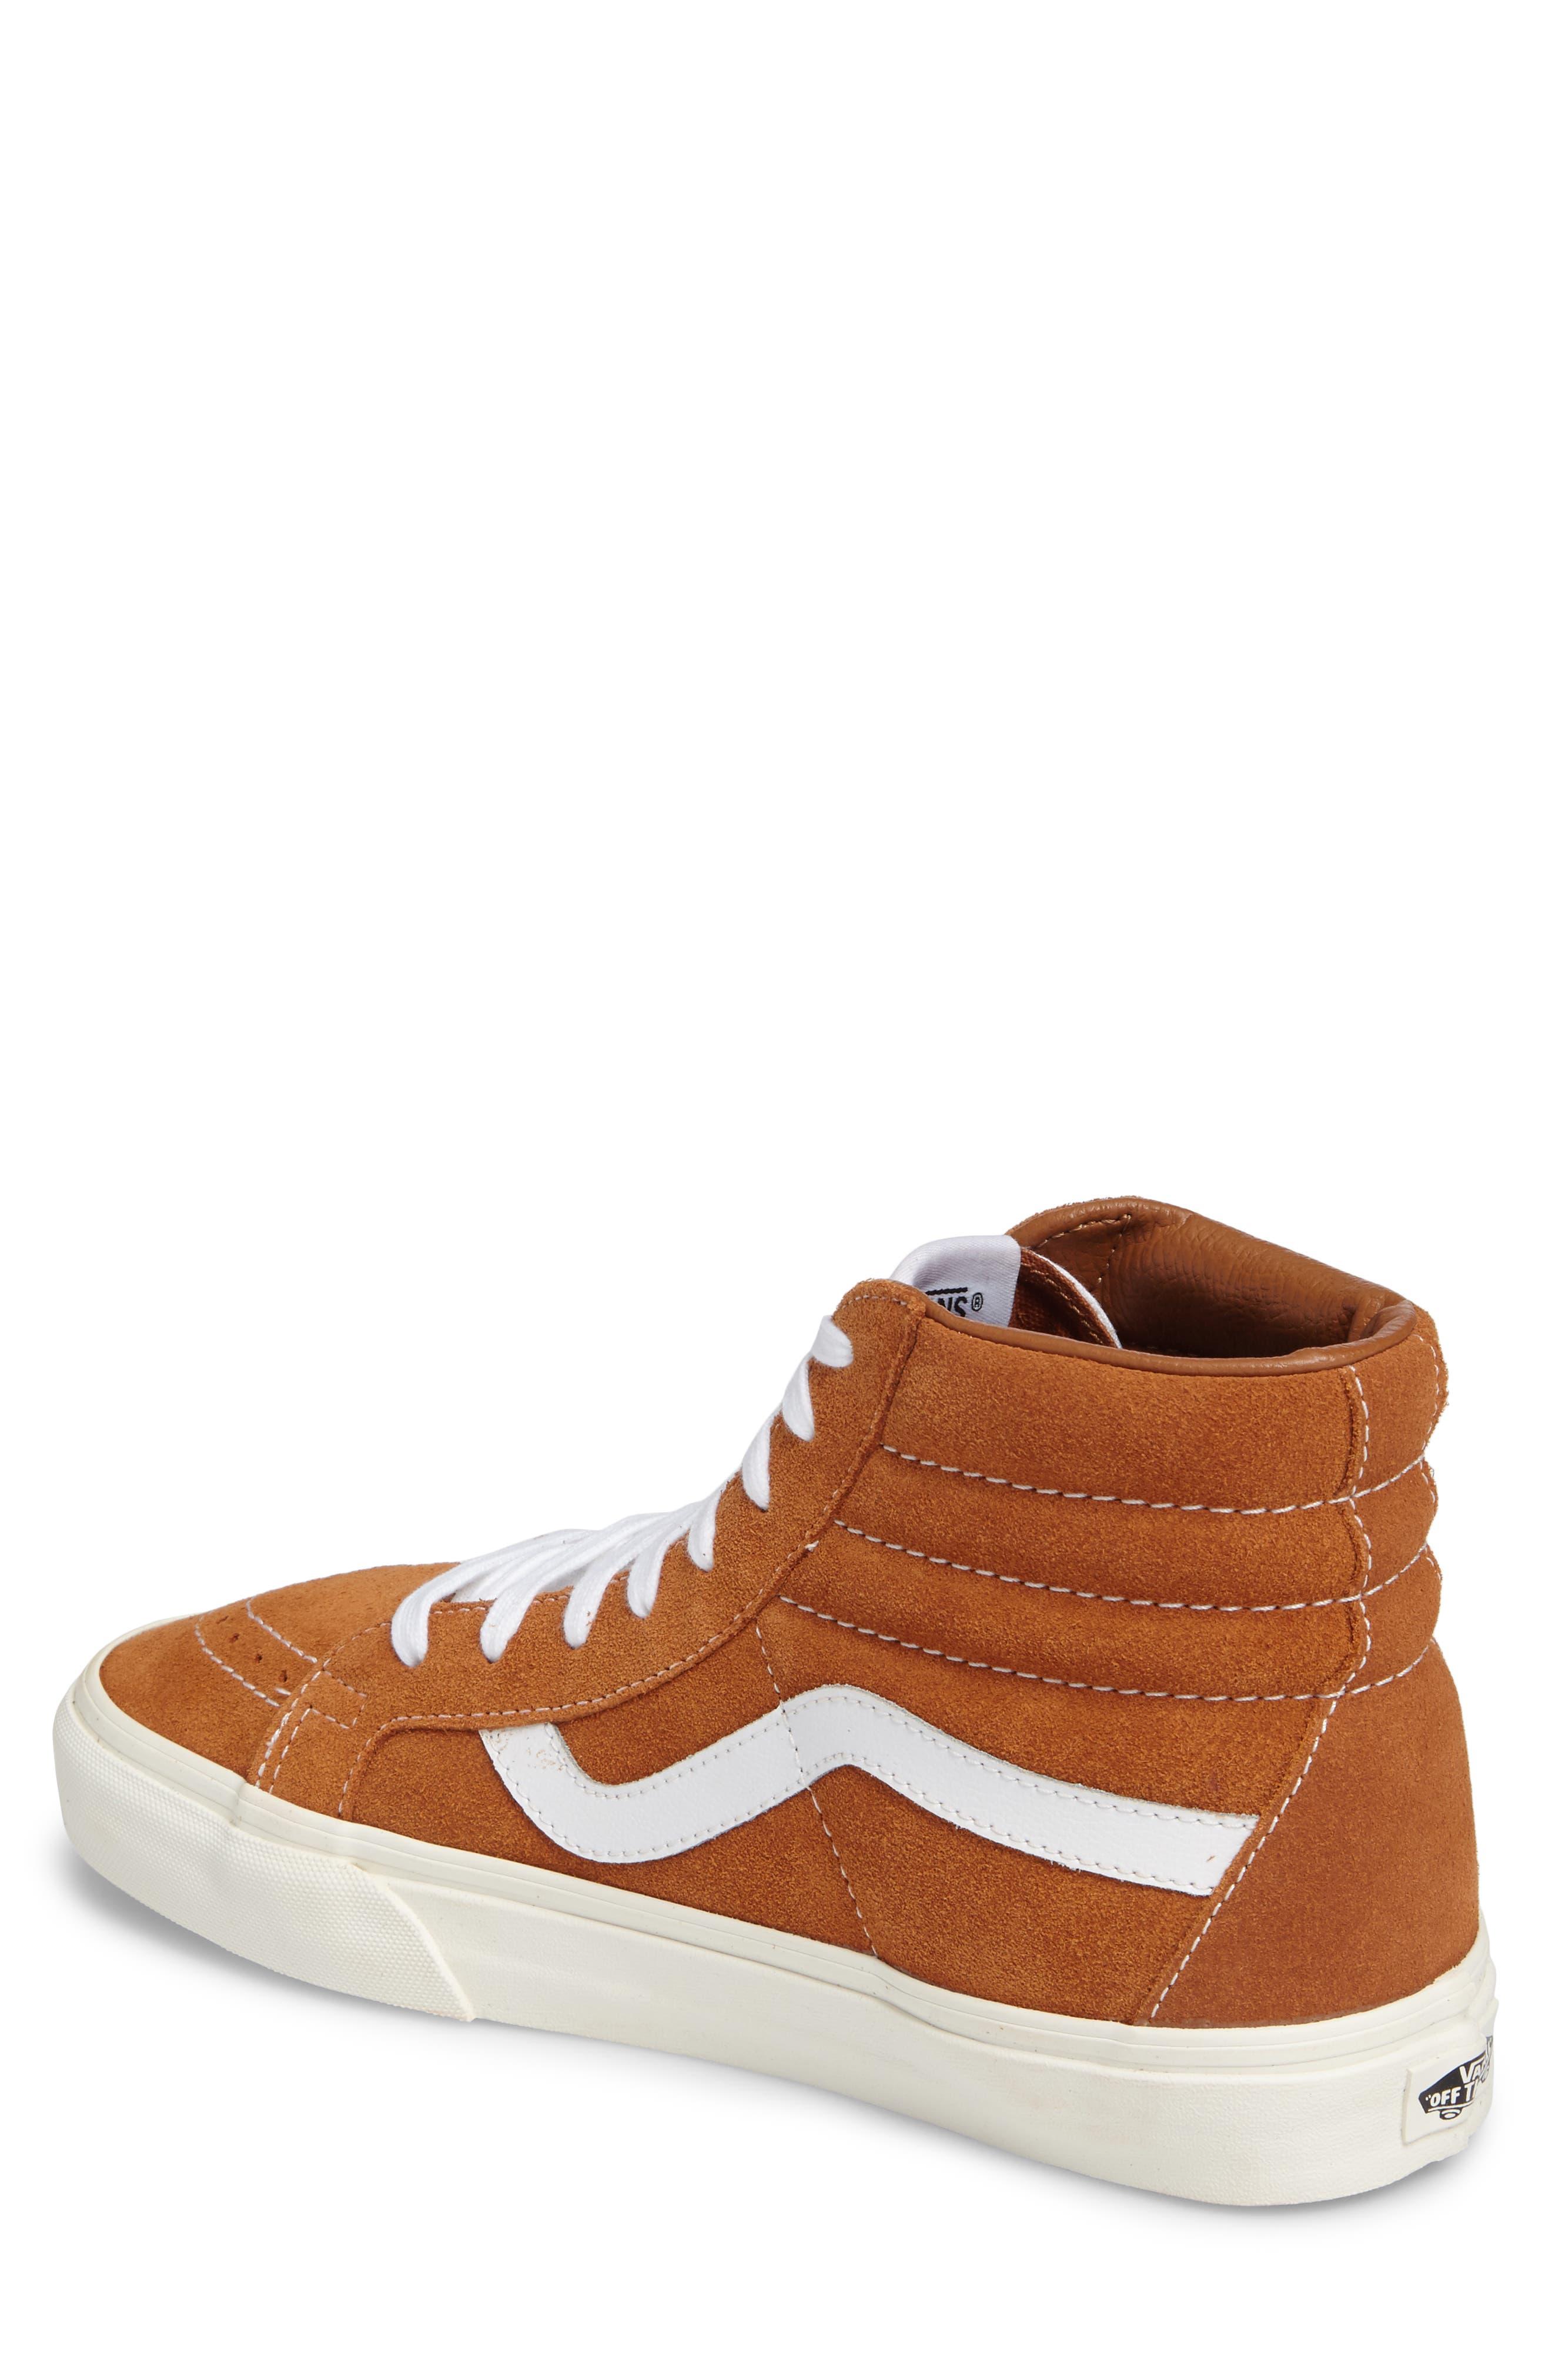 Alternate Image 2  - Vans Sk8-Hi Reissue Sneaker (Men)